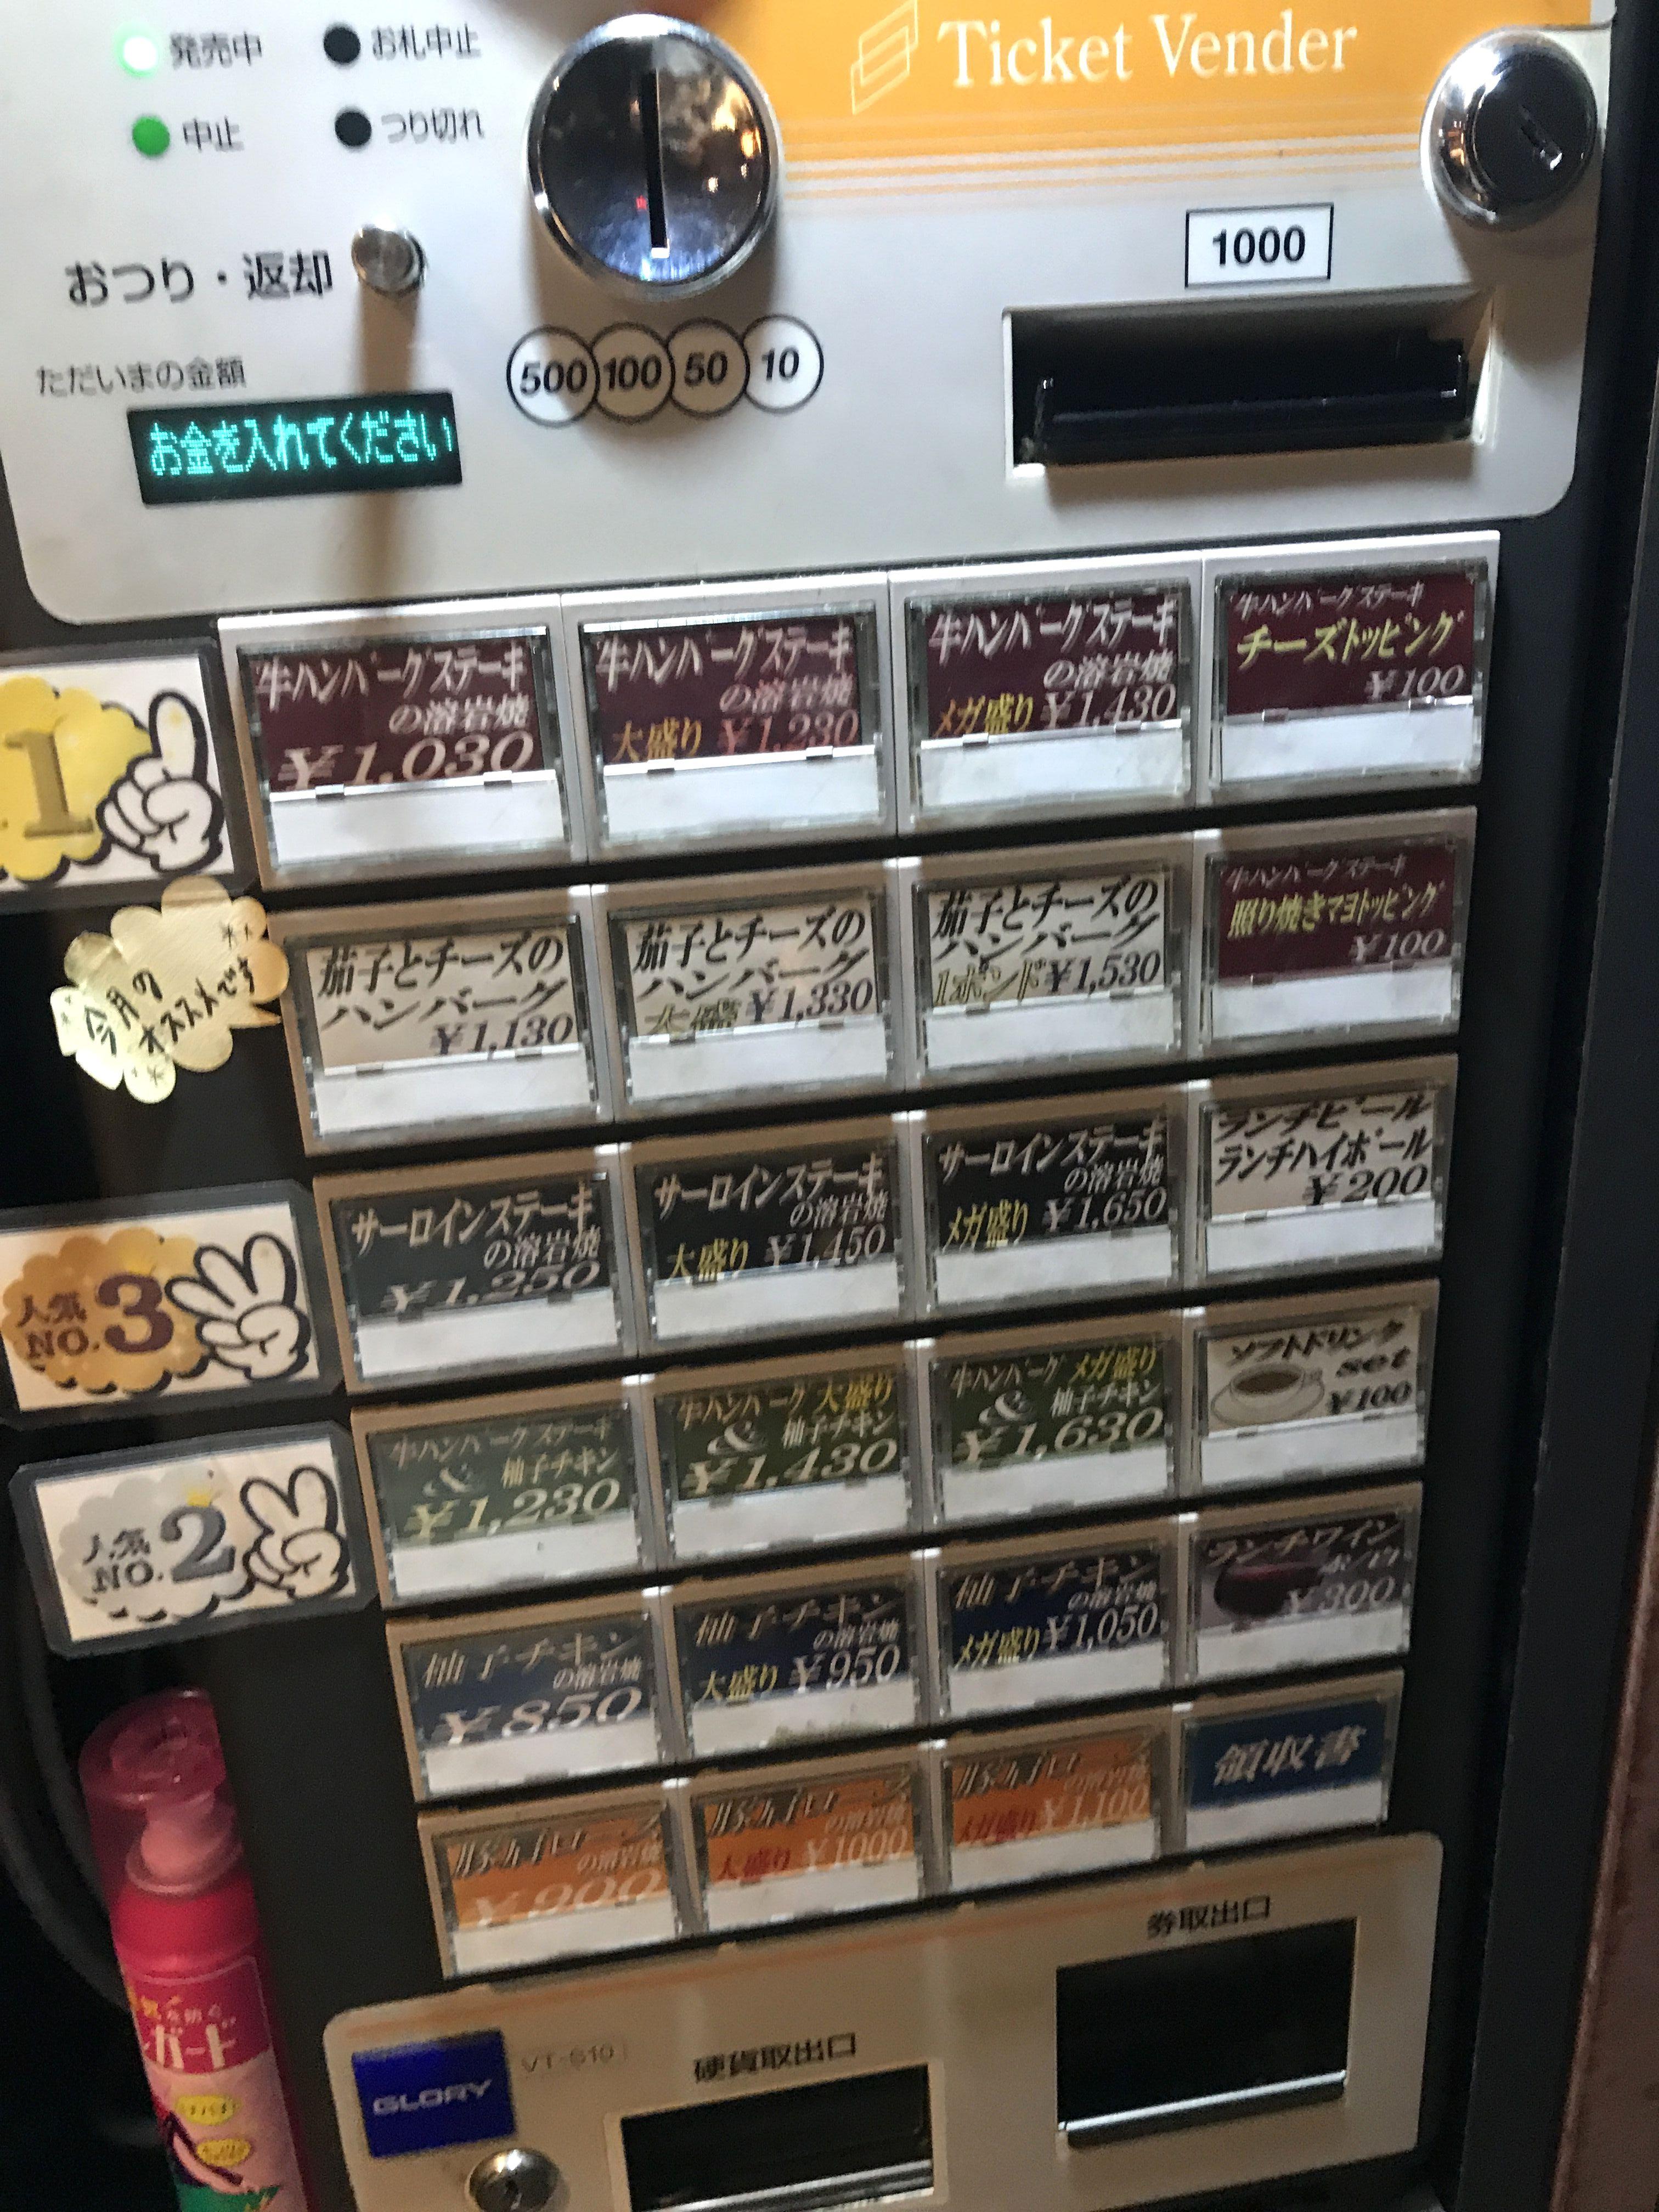 bonboriの券売機